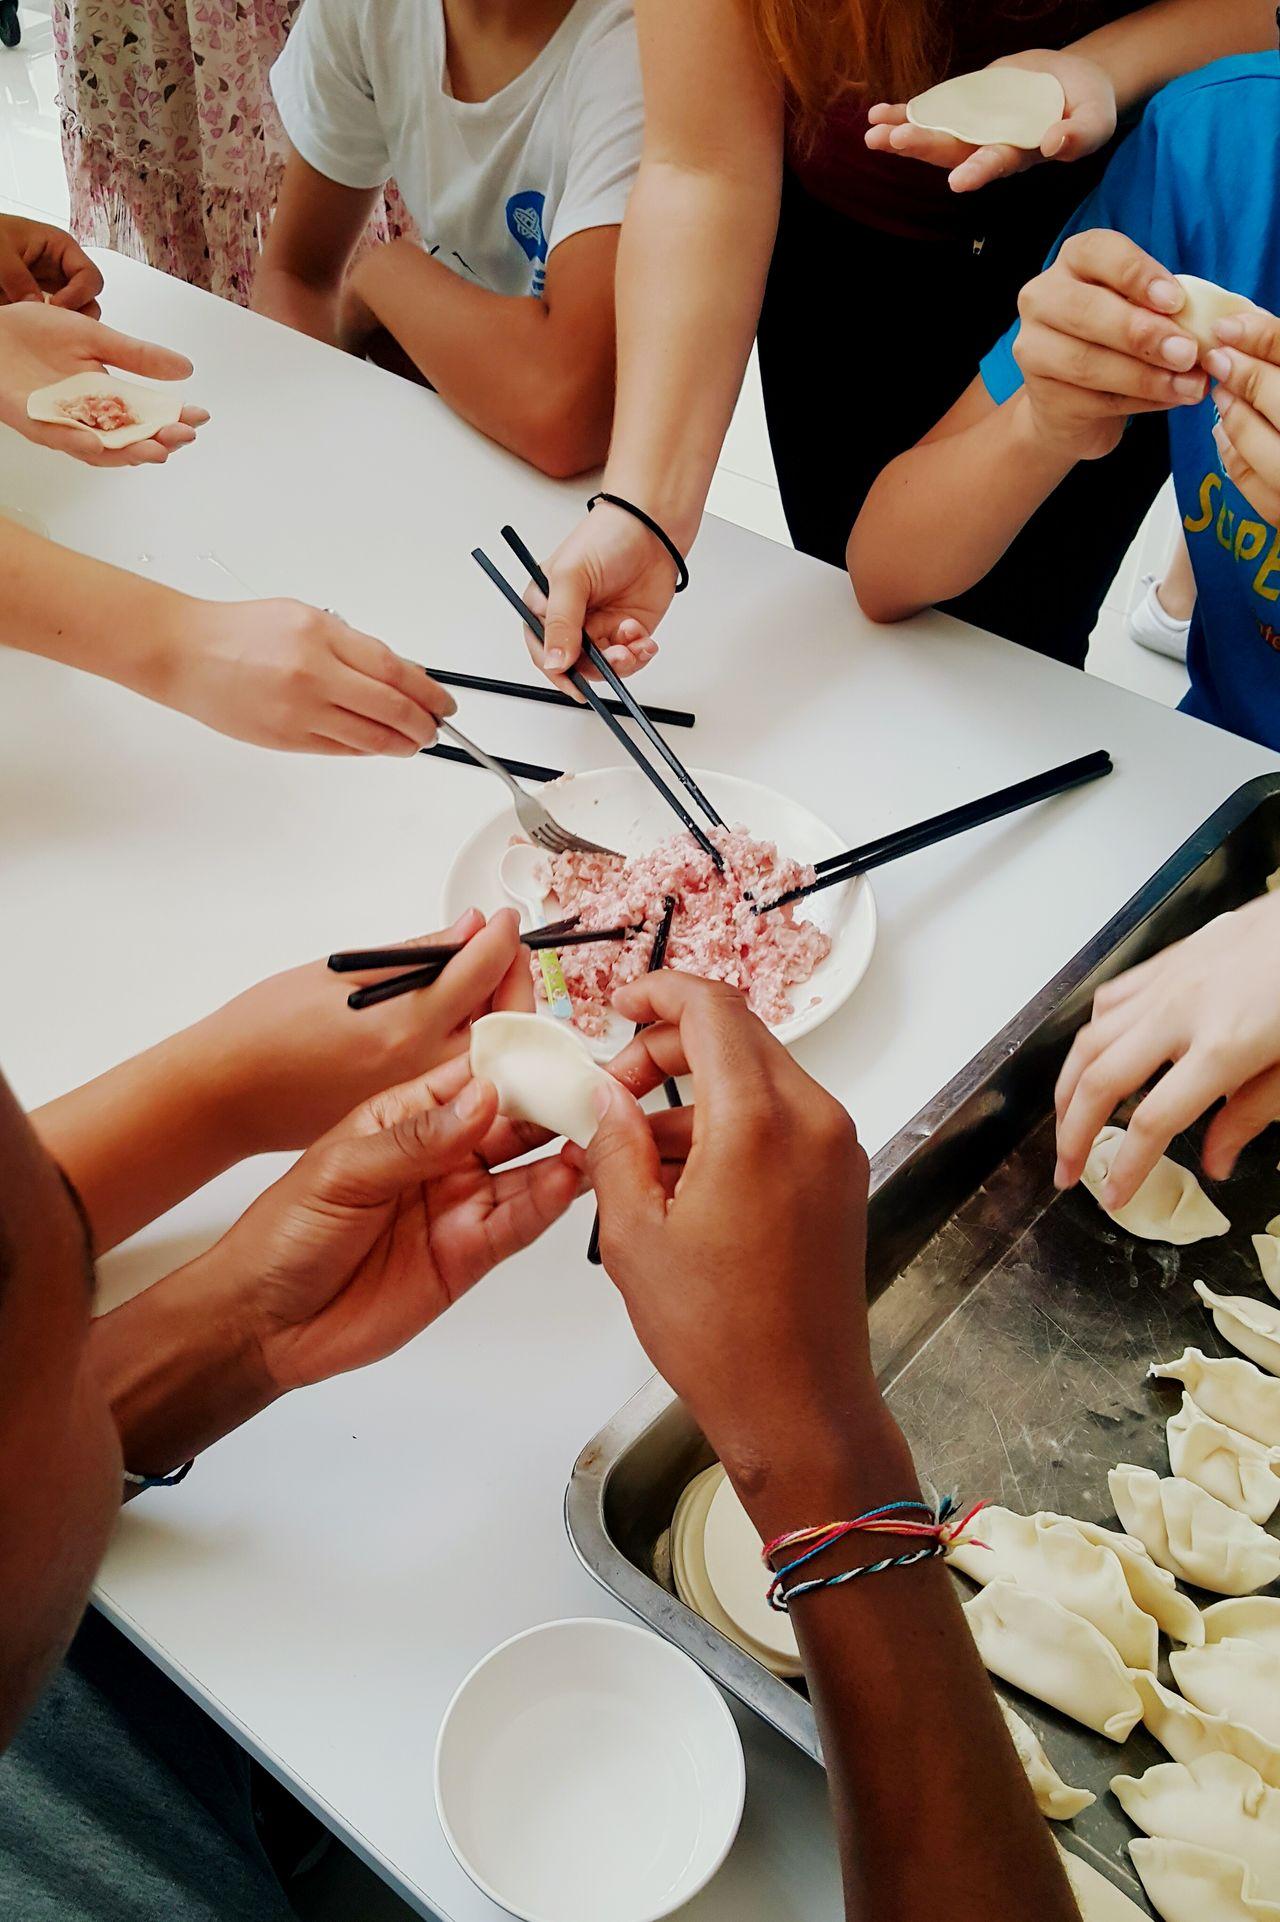 Making dumplings together